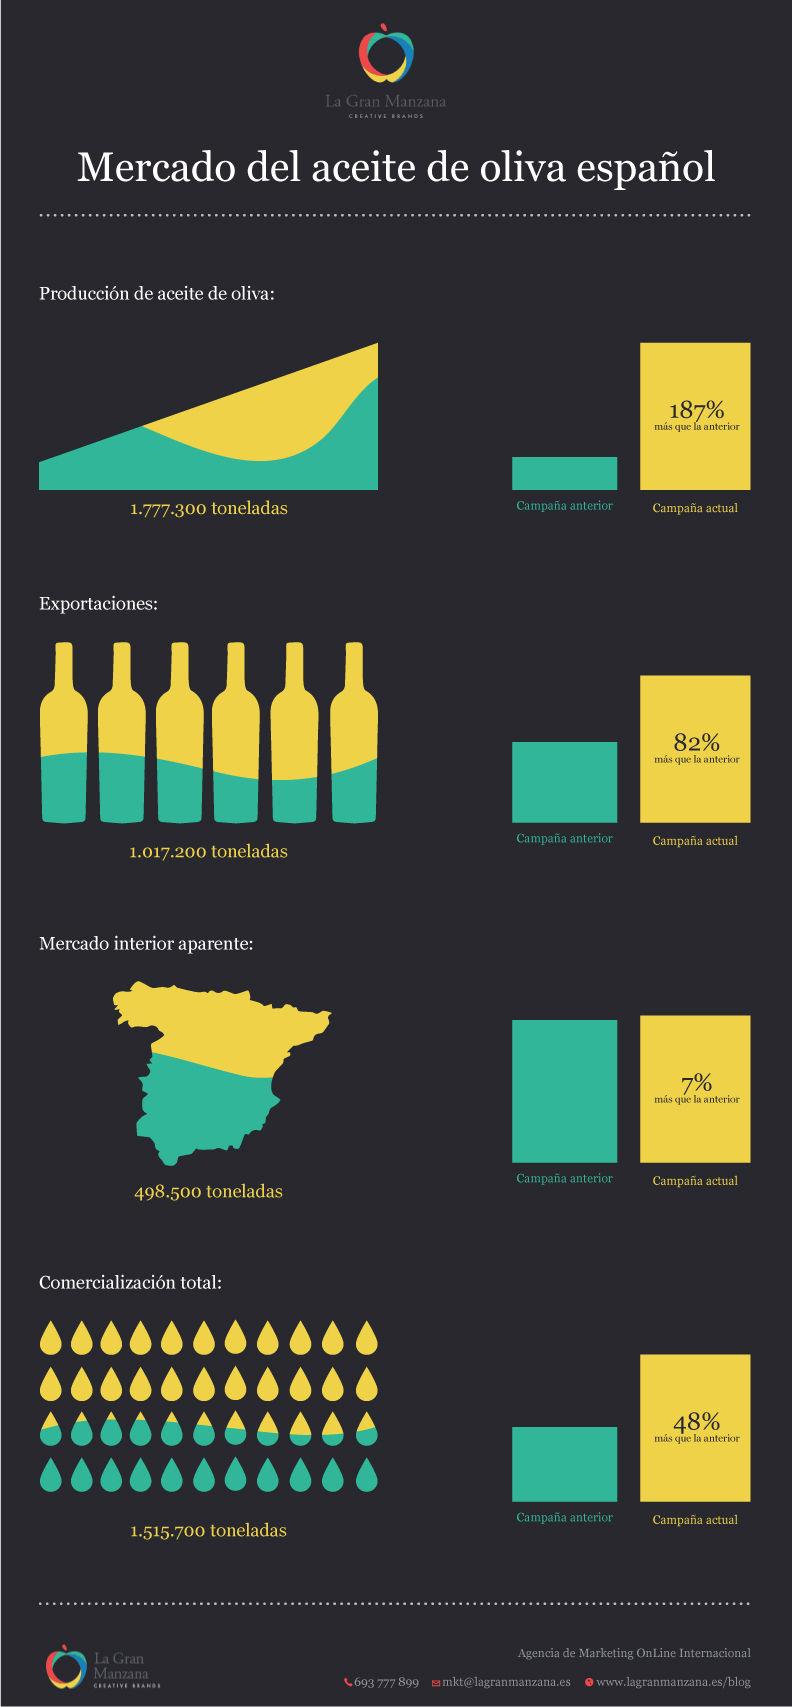 Las exportaciones del aceite de oliva español se duplican